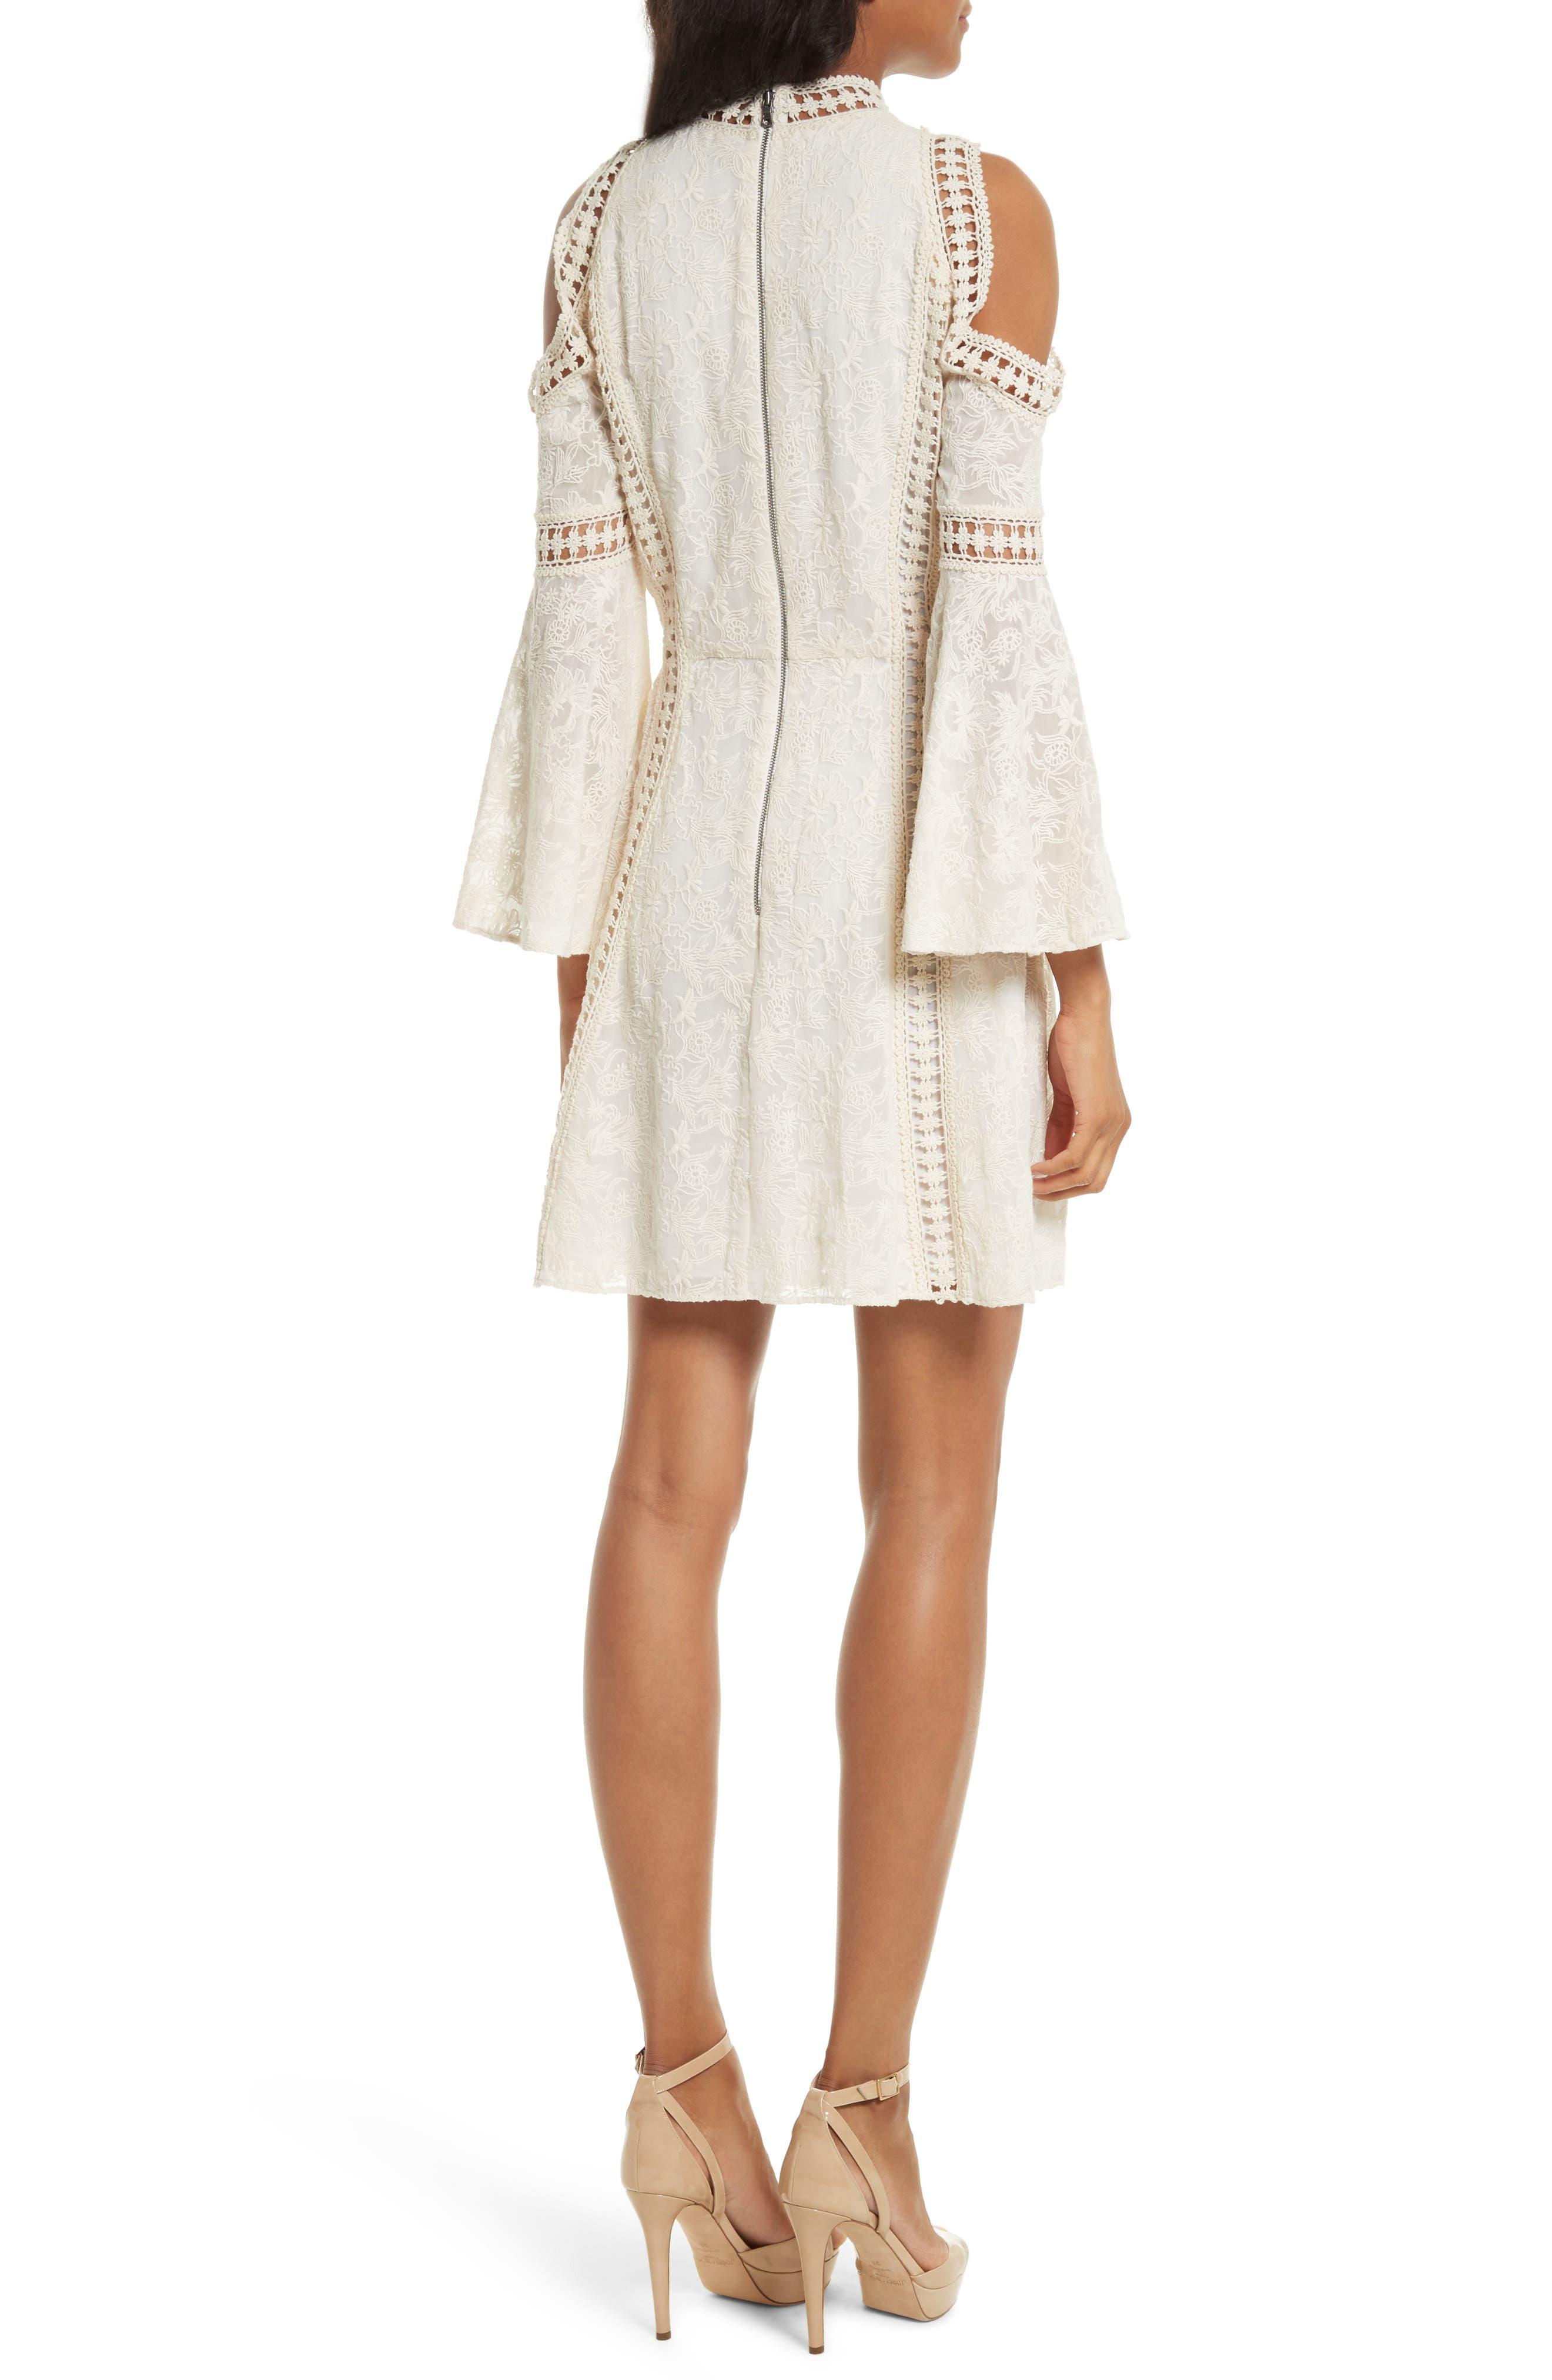 Enya Embroidered Cold Shoulder Dress,                             Alternate thumbnail 2, color,                             902